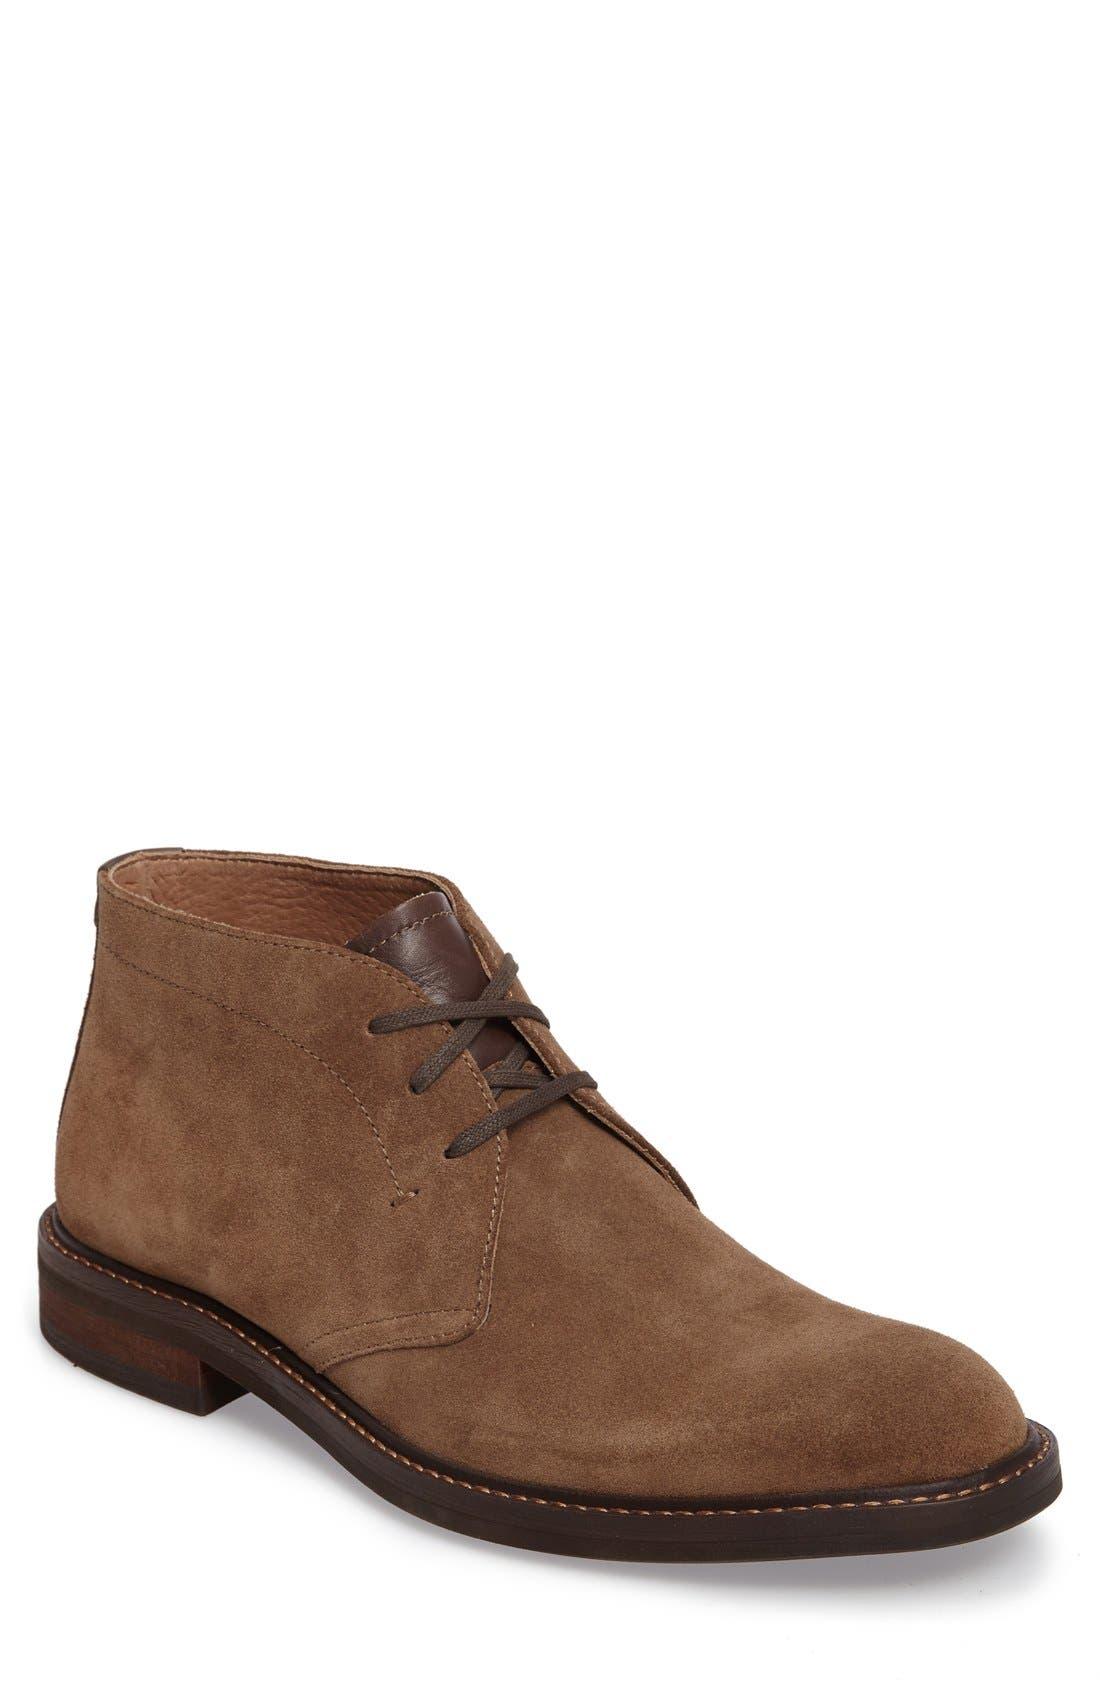 Main Image - 1901 Barrett Chukka Boot (Men)